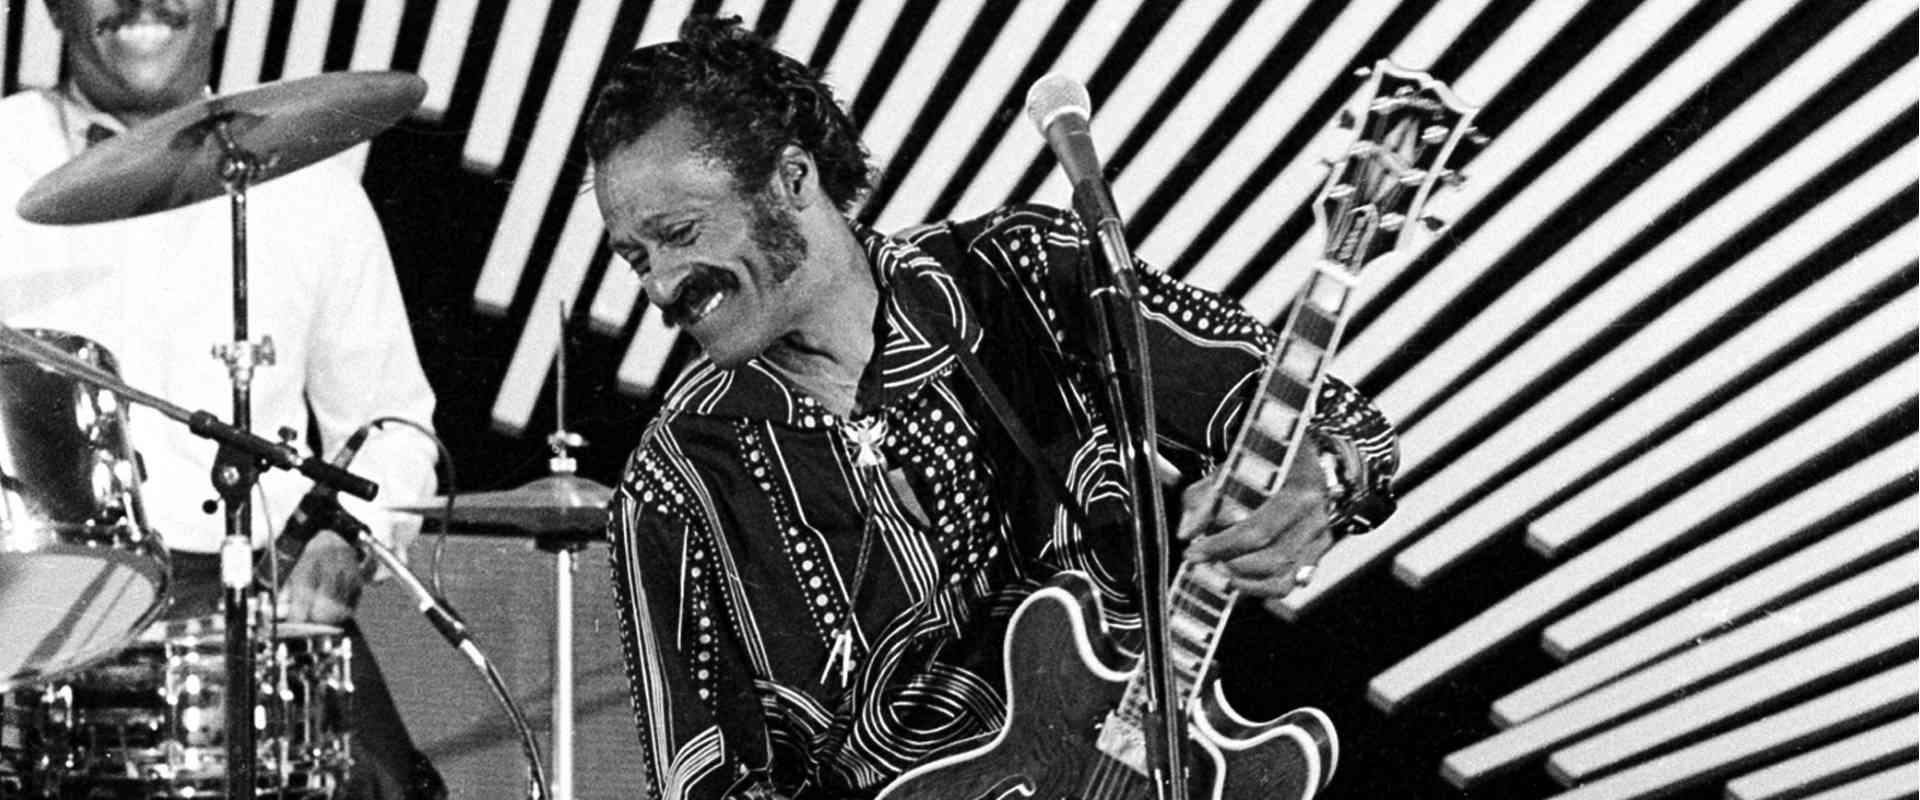 צ'אק ברי בהופעה, 1980